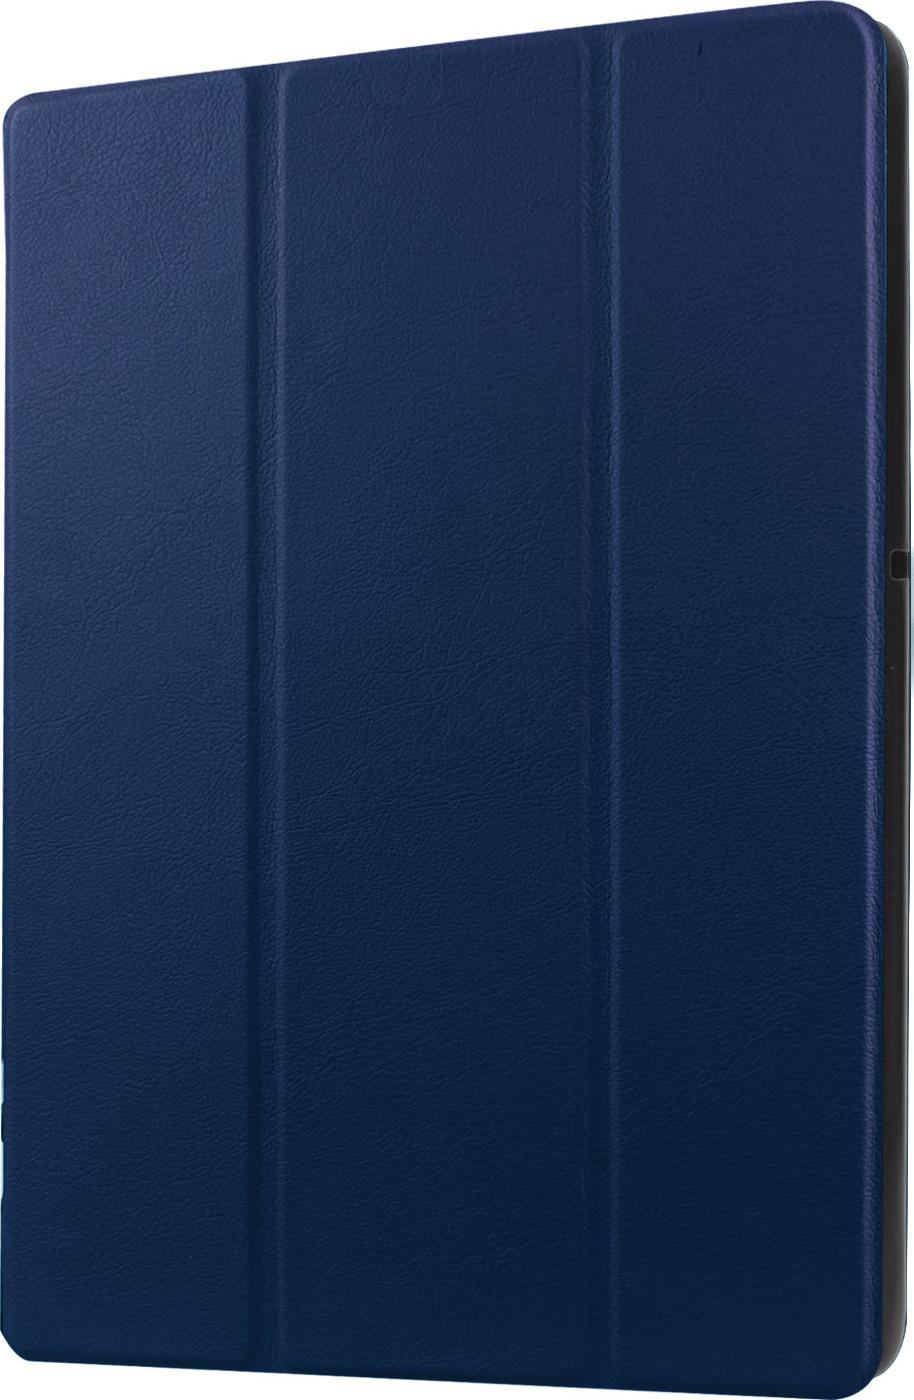 Чехол-обложка MyPads для Acer Iconia One 10 B3-A30 тонкий умный кожаный на пластиковой основе с трансформацией в подставку синий